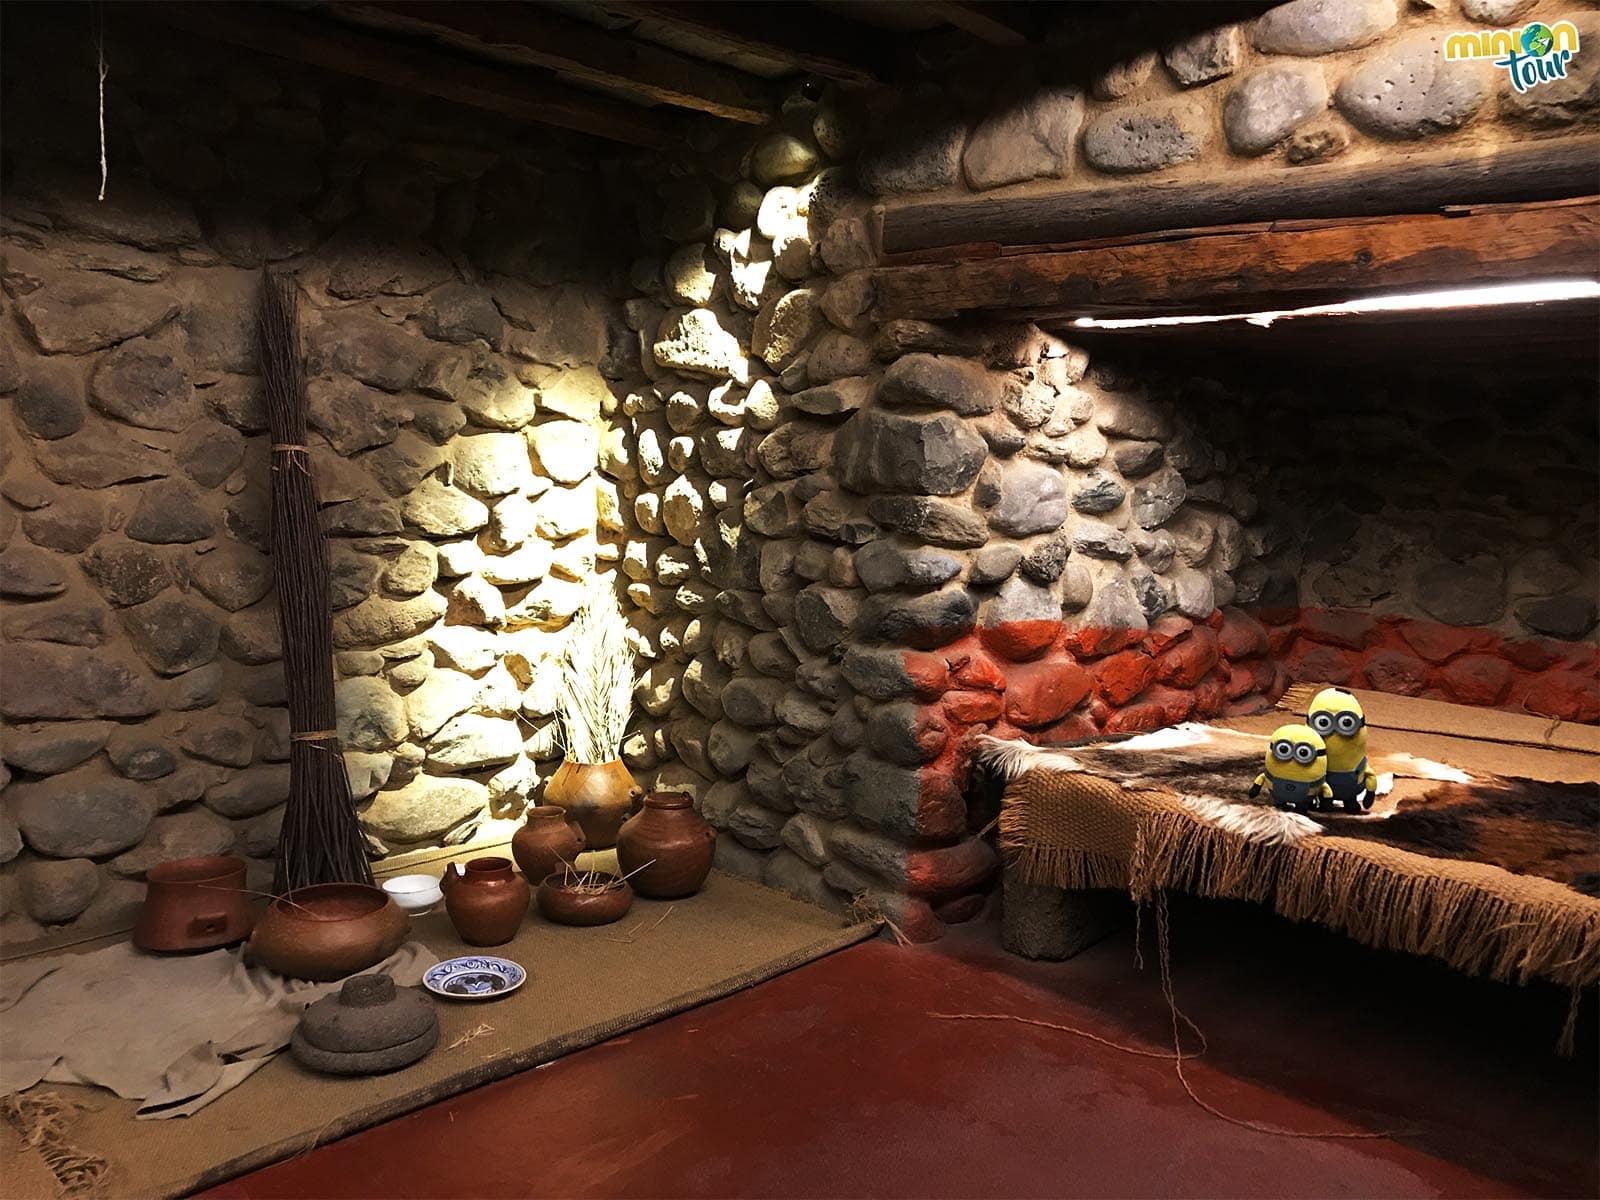 La Cueva Pintada de Gáldar, una joya de arte rupestre en Gran Canaria